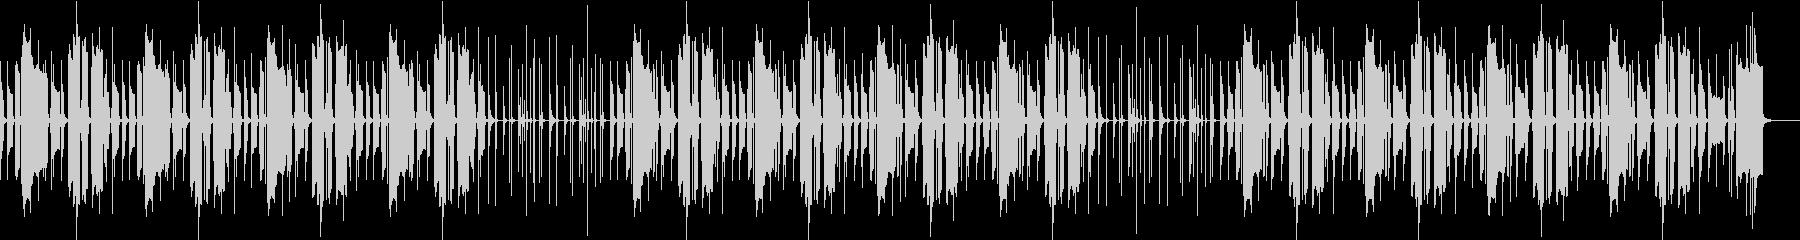 ほのぼのした日常の楽曲 劇伴の未再生の波形